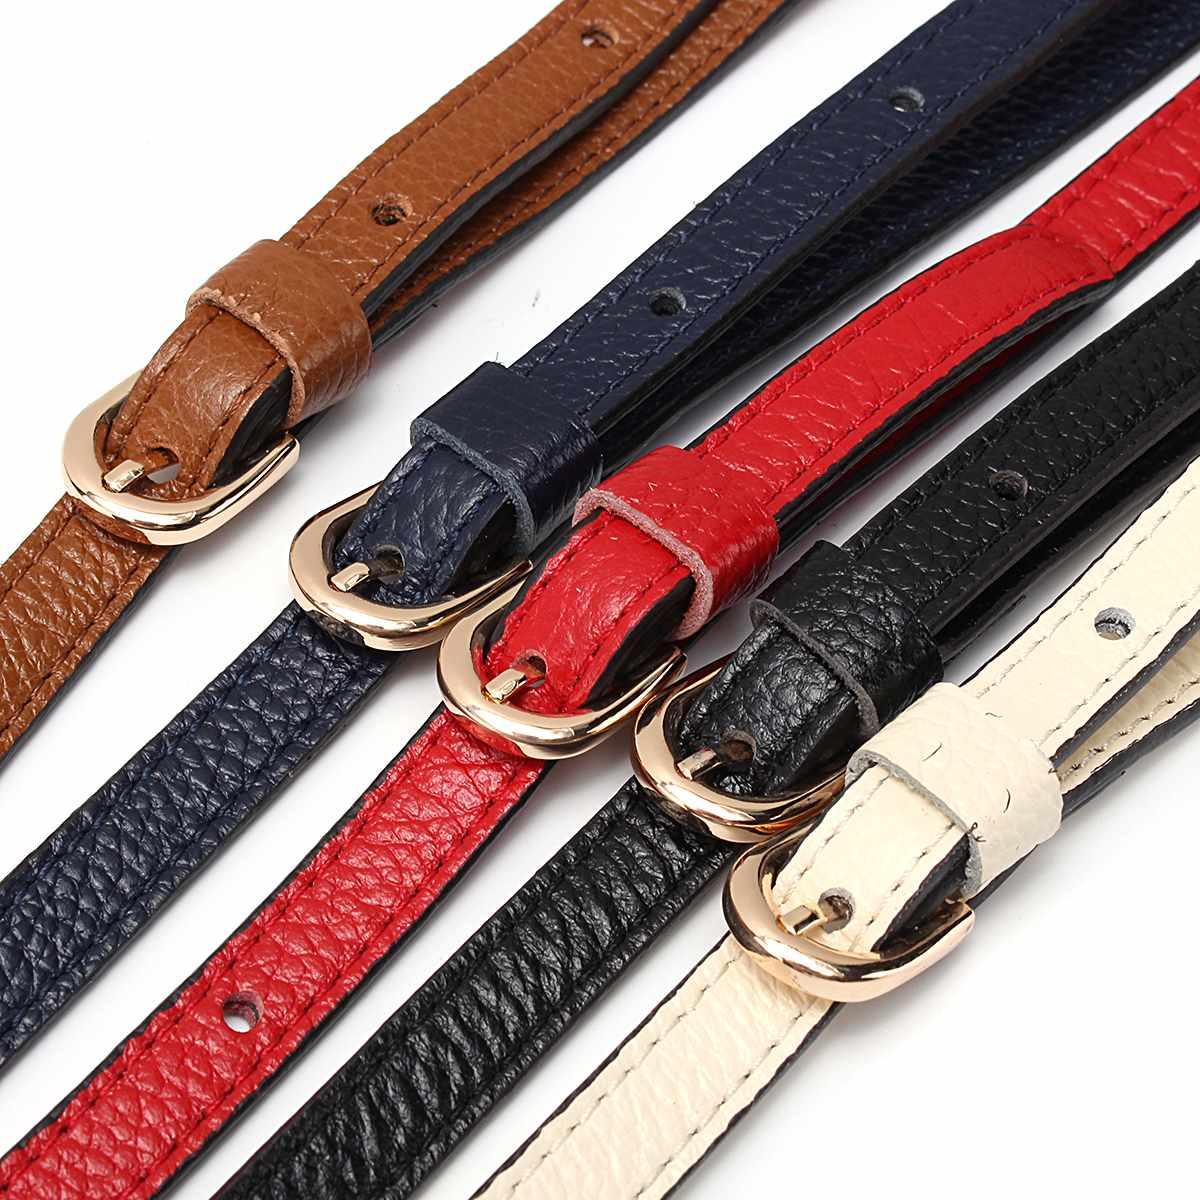 Cow Leather Bag Straps Replacement DIY Shoulder Bag Belts Adjustable Strap Belt For Long Straps Handbag Belt Accessories Parts